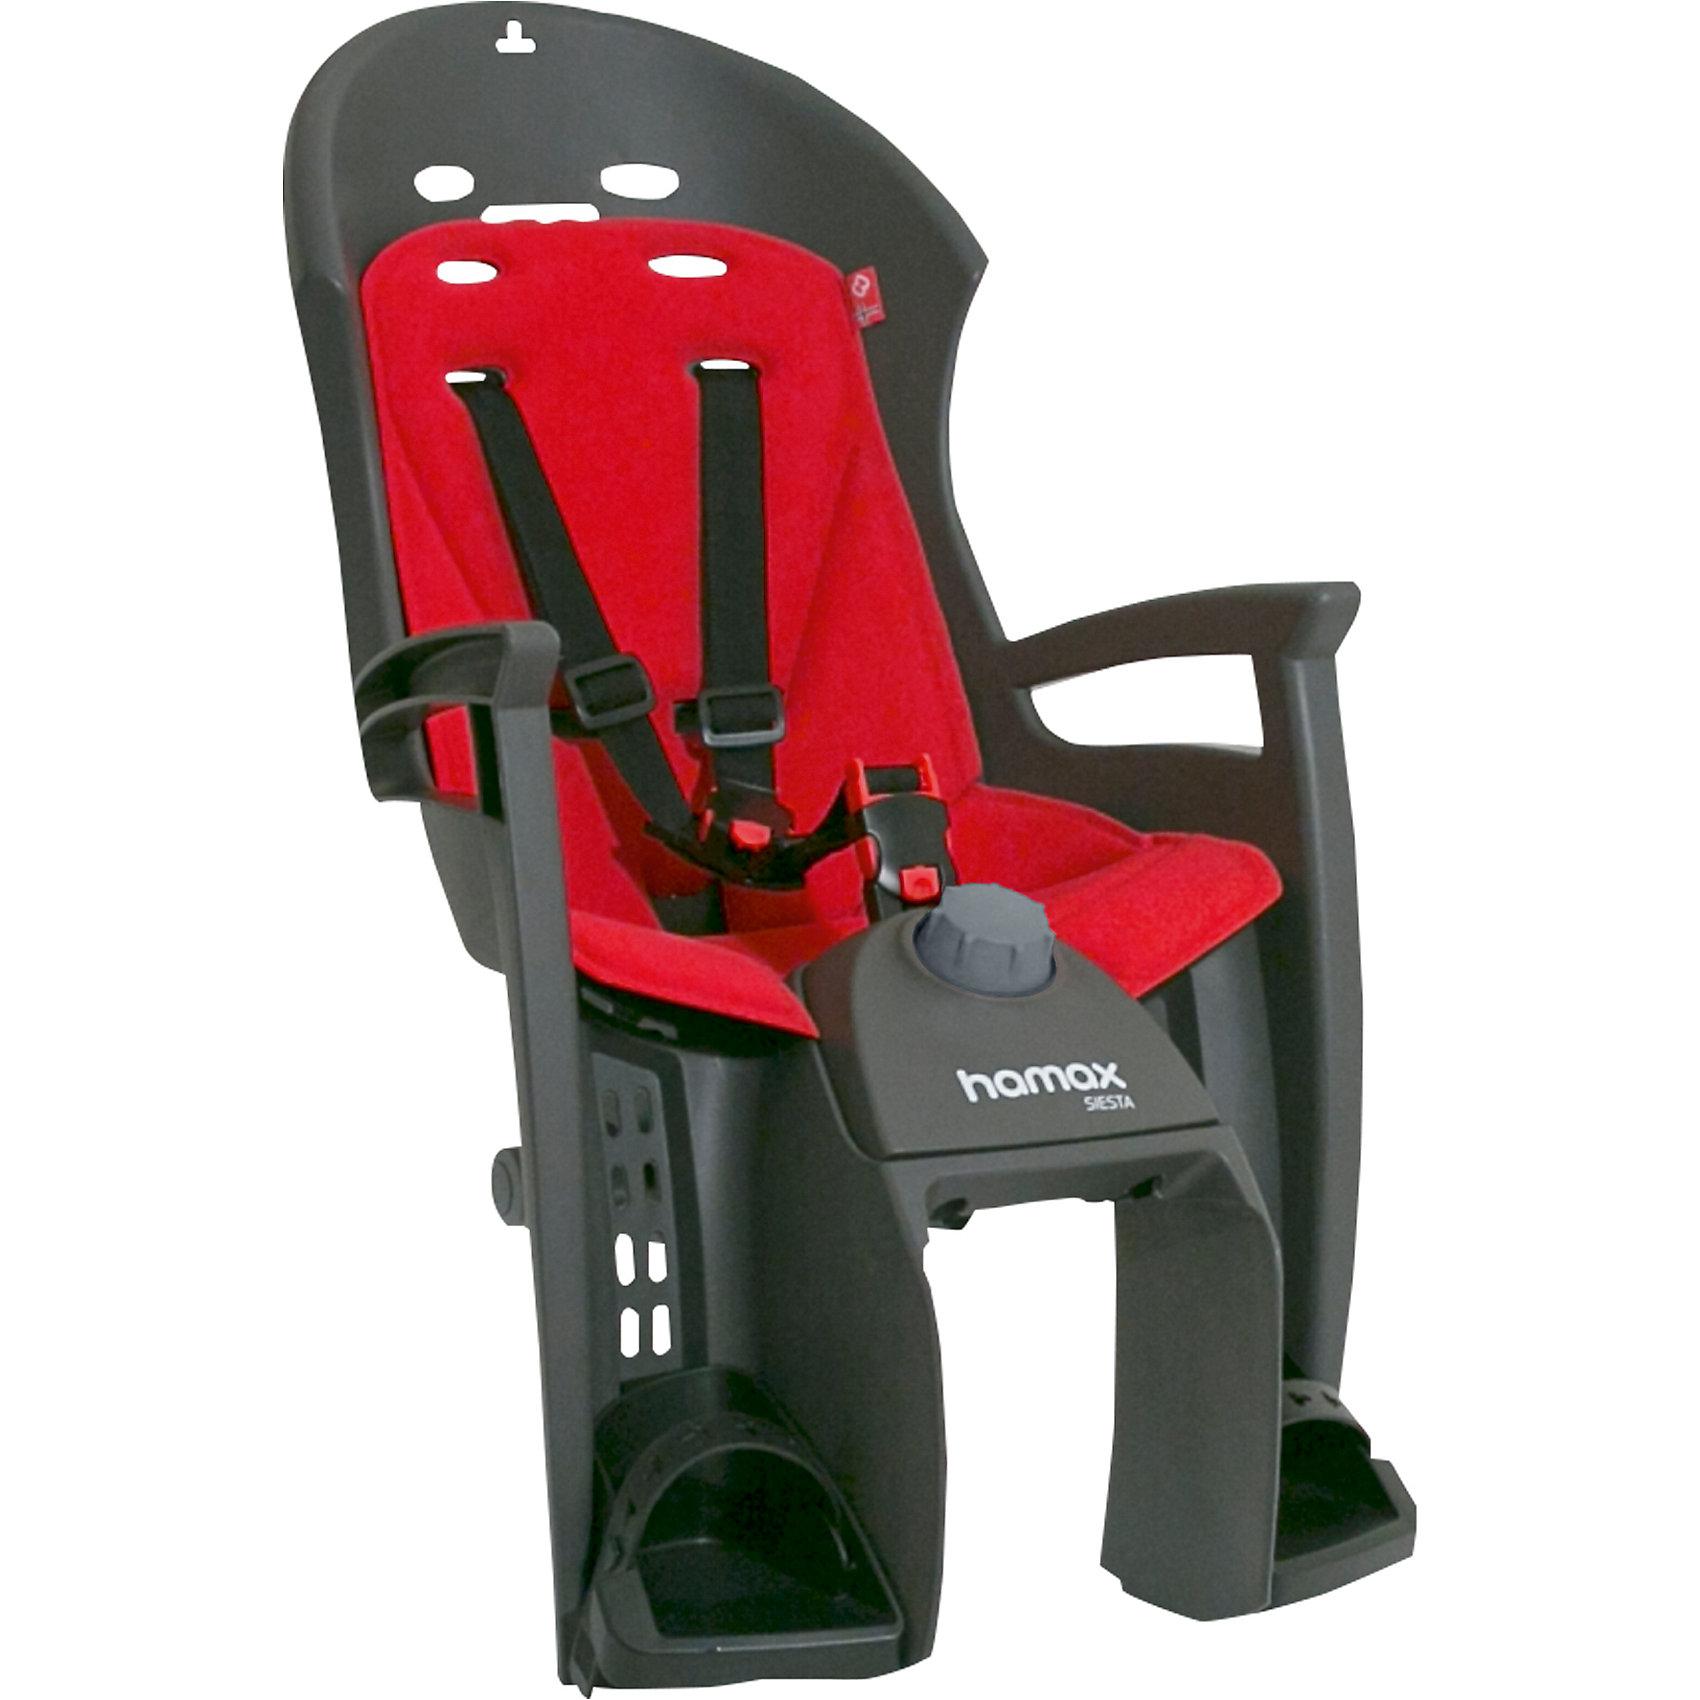 Детское велокресло 2017 Siesta W/Carrier Adapter, Hamax, серый-красныйАксеcсуары для велосипедов<br>Характеристики товара:<br><br>• цвет: серый, красный<br>• регулировка наклона спинки-спальной позиции (20°)<br>• запираемый кронштейн крепления<br>• 3-точечные ремни безопасности <br>• фиксация ремней для предотвращения саморастегвания ребенком<br>• можно установить на любом велосипеде как с багажником, так и без<br>• возраст: от 9 месяцев и весом до 22 кг.<br>• регулируемый ремень безопасности и подножки<br>• подходит для рамы велосипеда диаметром от 28 до 40 мм<br>• материал: полипропилен, текстиль, металл<br>• страна бренда: Польша<br>• вес: 3740гр<br>• размер: 38х82х30см<br><br>Отличительные особенности Hamax Siesta : функция регулировки угла наклона для комфортного отдыха и сна ребенка и замок фиксации кресла на велосипеде.<br><br>Спальная функция данного кресла позволяет осуществить наклон назад  ( до 20 ° ) для более комфортного и удобного положения ребенка для отдыха / или сна. <br><br>Дополнительные мягкие пряжки для фиксации ребенка в кресле очень легкие и комфортные, но при этом обеспечивают надежную фиксацию ребенка в велокресле, позволяя при необходимости совершать резкие маневры и торможения. <br><br>Эргономика велокресла расчитанна так что спинка кресла не будет мешать голове ребенка в моменты когда он хочет откинуться назад кресла в шлеме.<br><br>Все детские велосиденья Hamax  растут вместе с ребенком!  Регулируются ремень безопасности и подножки.<br><br>Hamax рекомендует, что ребенок должен всегда носить шлем при использовании детского сиденья.<br><br>Детское велокресло 2017 Siesta W/Carrier Adapter, Hamax, серый-красный можно купить в нашем интернет-магазине.<br><br>Ширина мм: 380<br>Глубина мм: 820<br>Высота мм: 300<br>Вес г: 3740<br>Возраст от месяцев: 9<br>Возраст до месяцев: 48<br>Пол: Унисекс<br>Возраст: Детский<br>SKU: 5582603